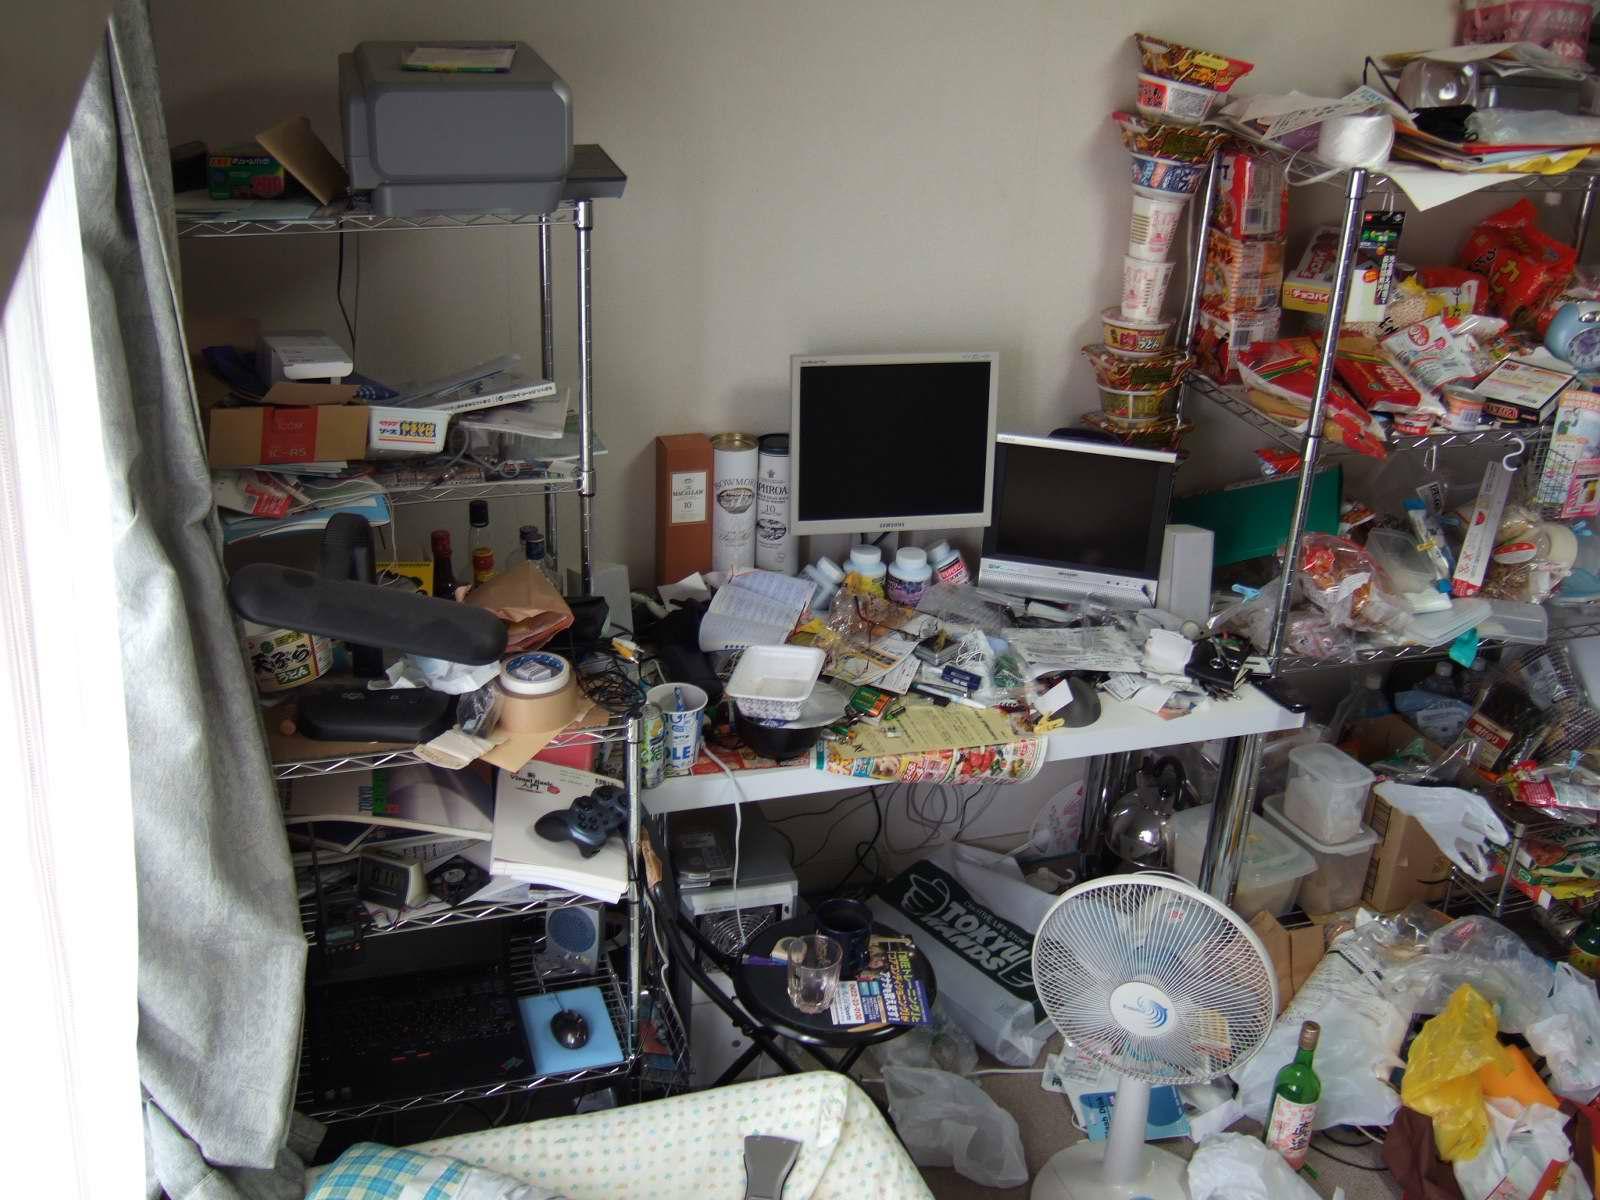 Le bordel de ma chambre 20 sur le forum blabla 15 18 ans for Chambre en bordel